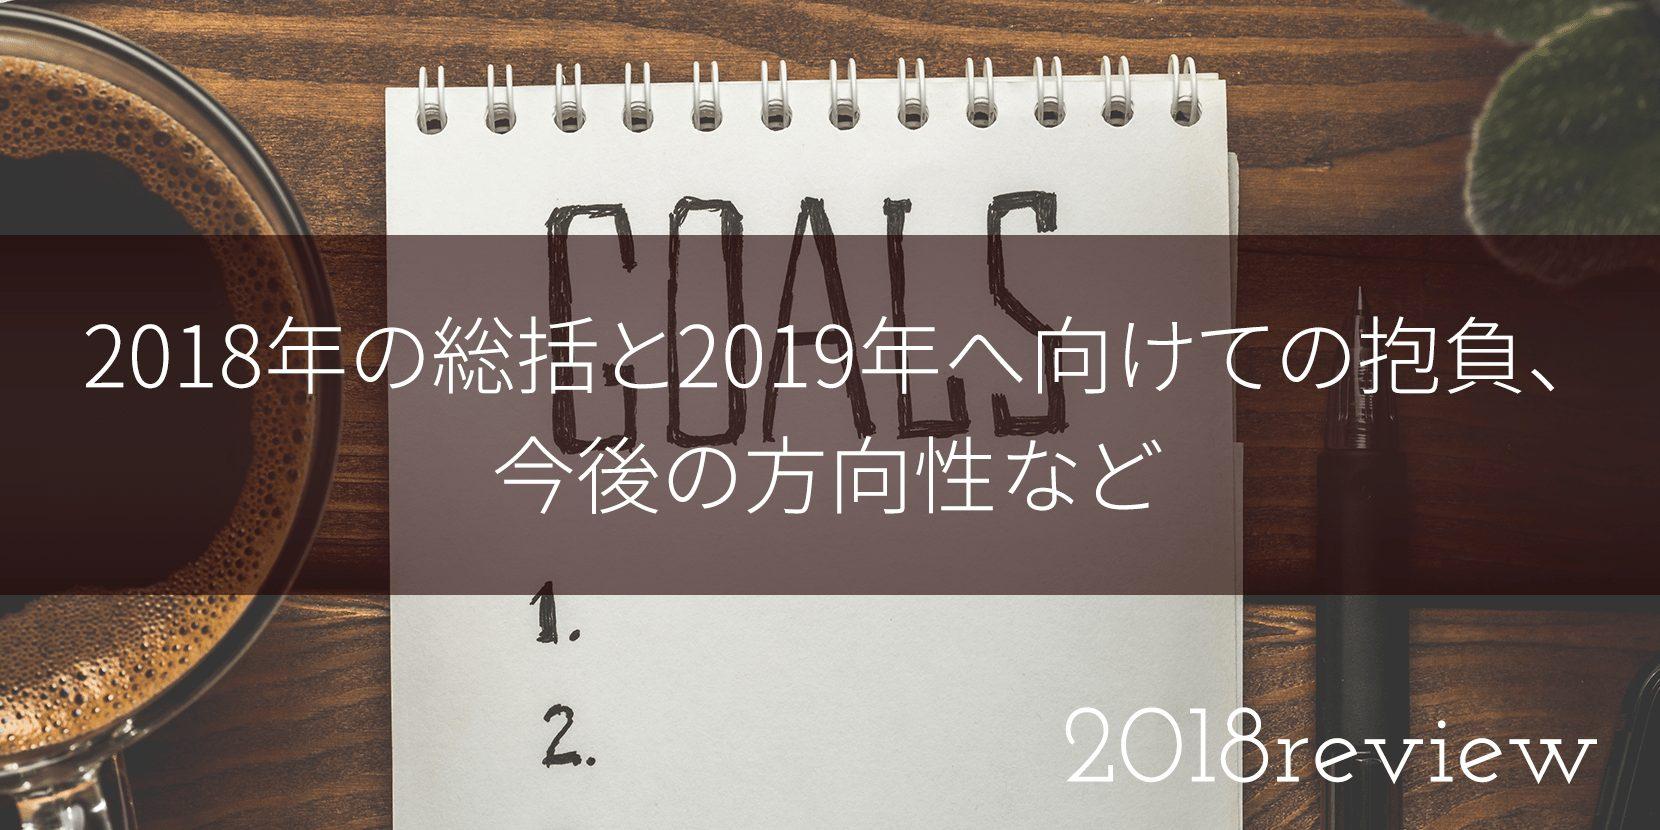 2018年の総括と2019年へ向けての抱負、今後の方向性など。